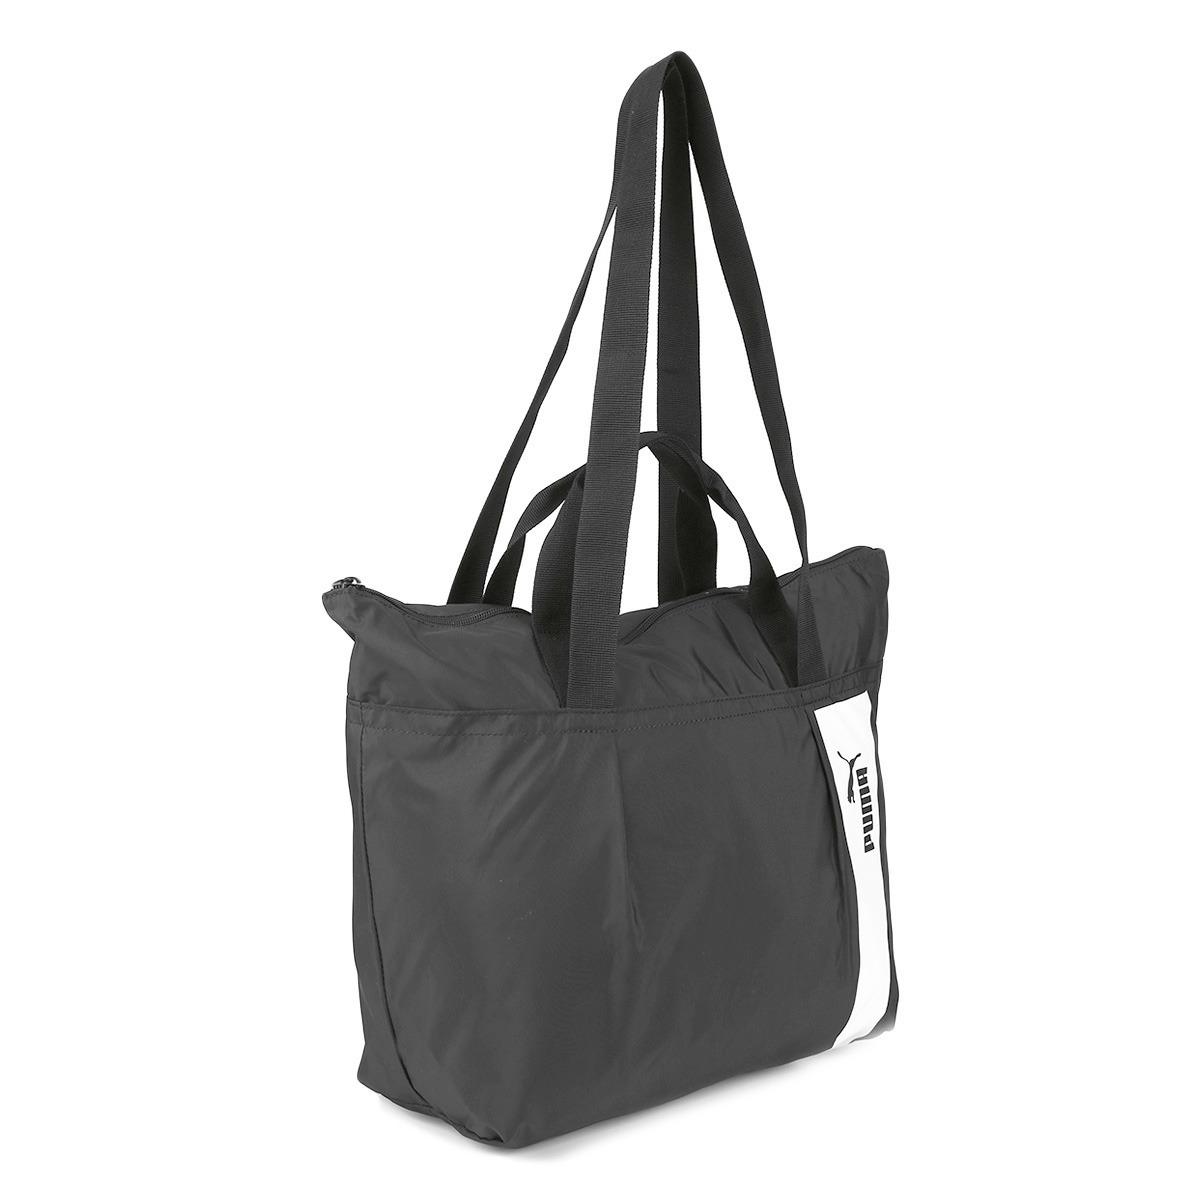 5c362713f Bolsa Puma Core Style Large Shopper 075136 - R$ 194,90 em Mercado Livre